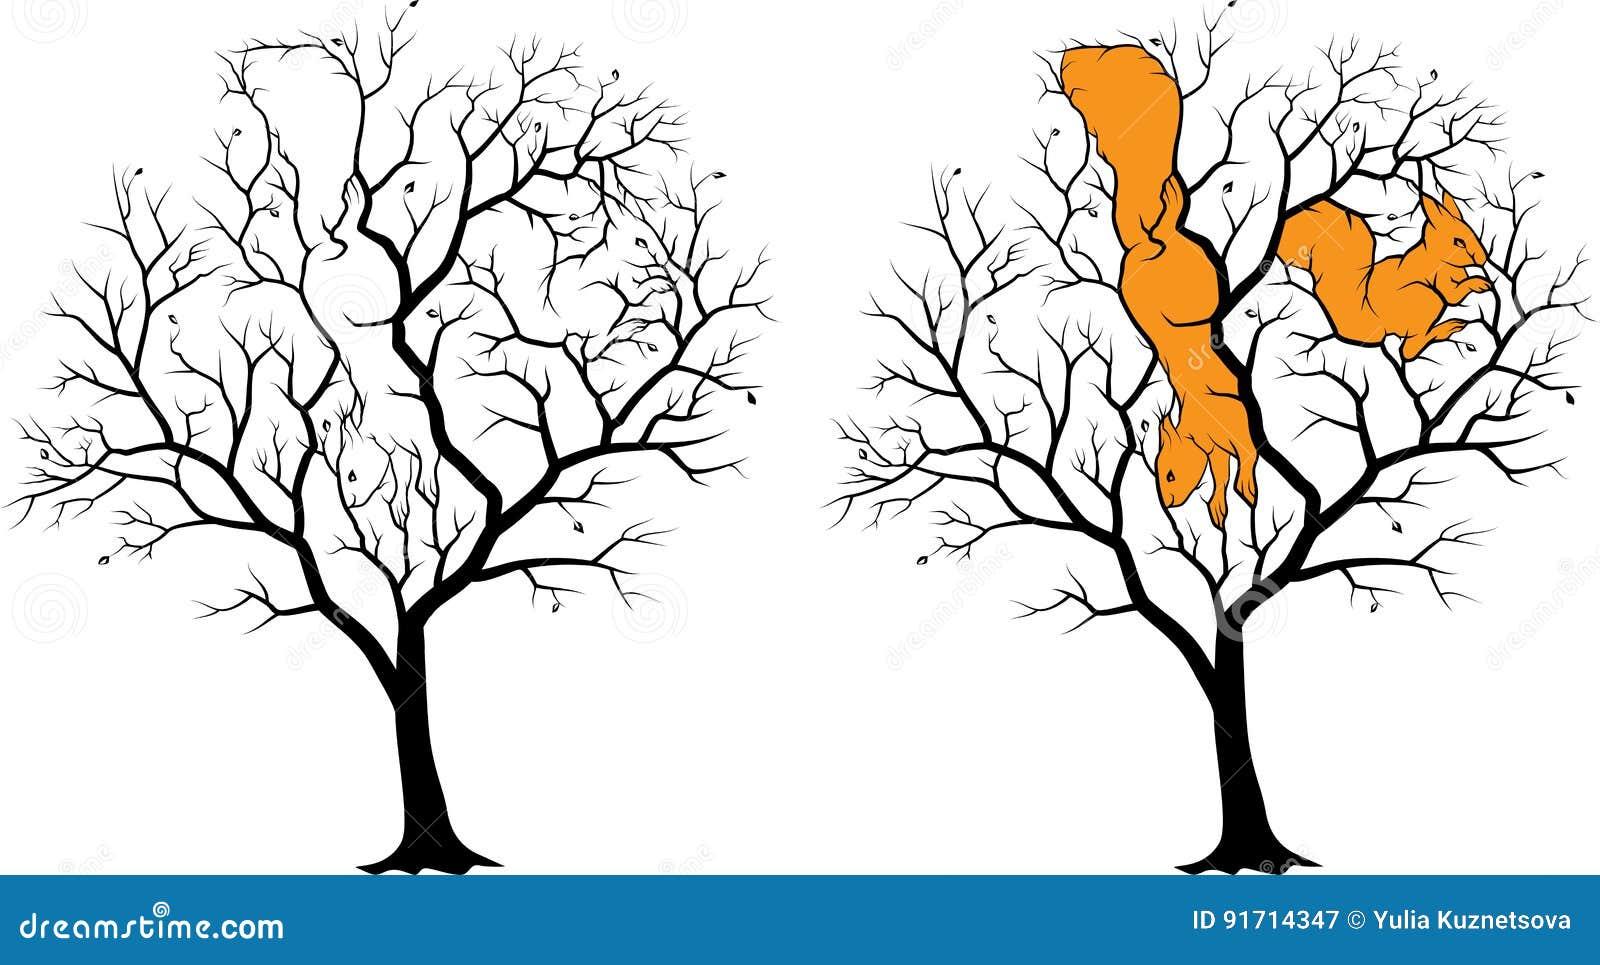 Tolle Kahler Baum Färbung Seite Ideen - Druckbare Malvorlagen ...